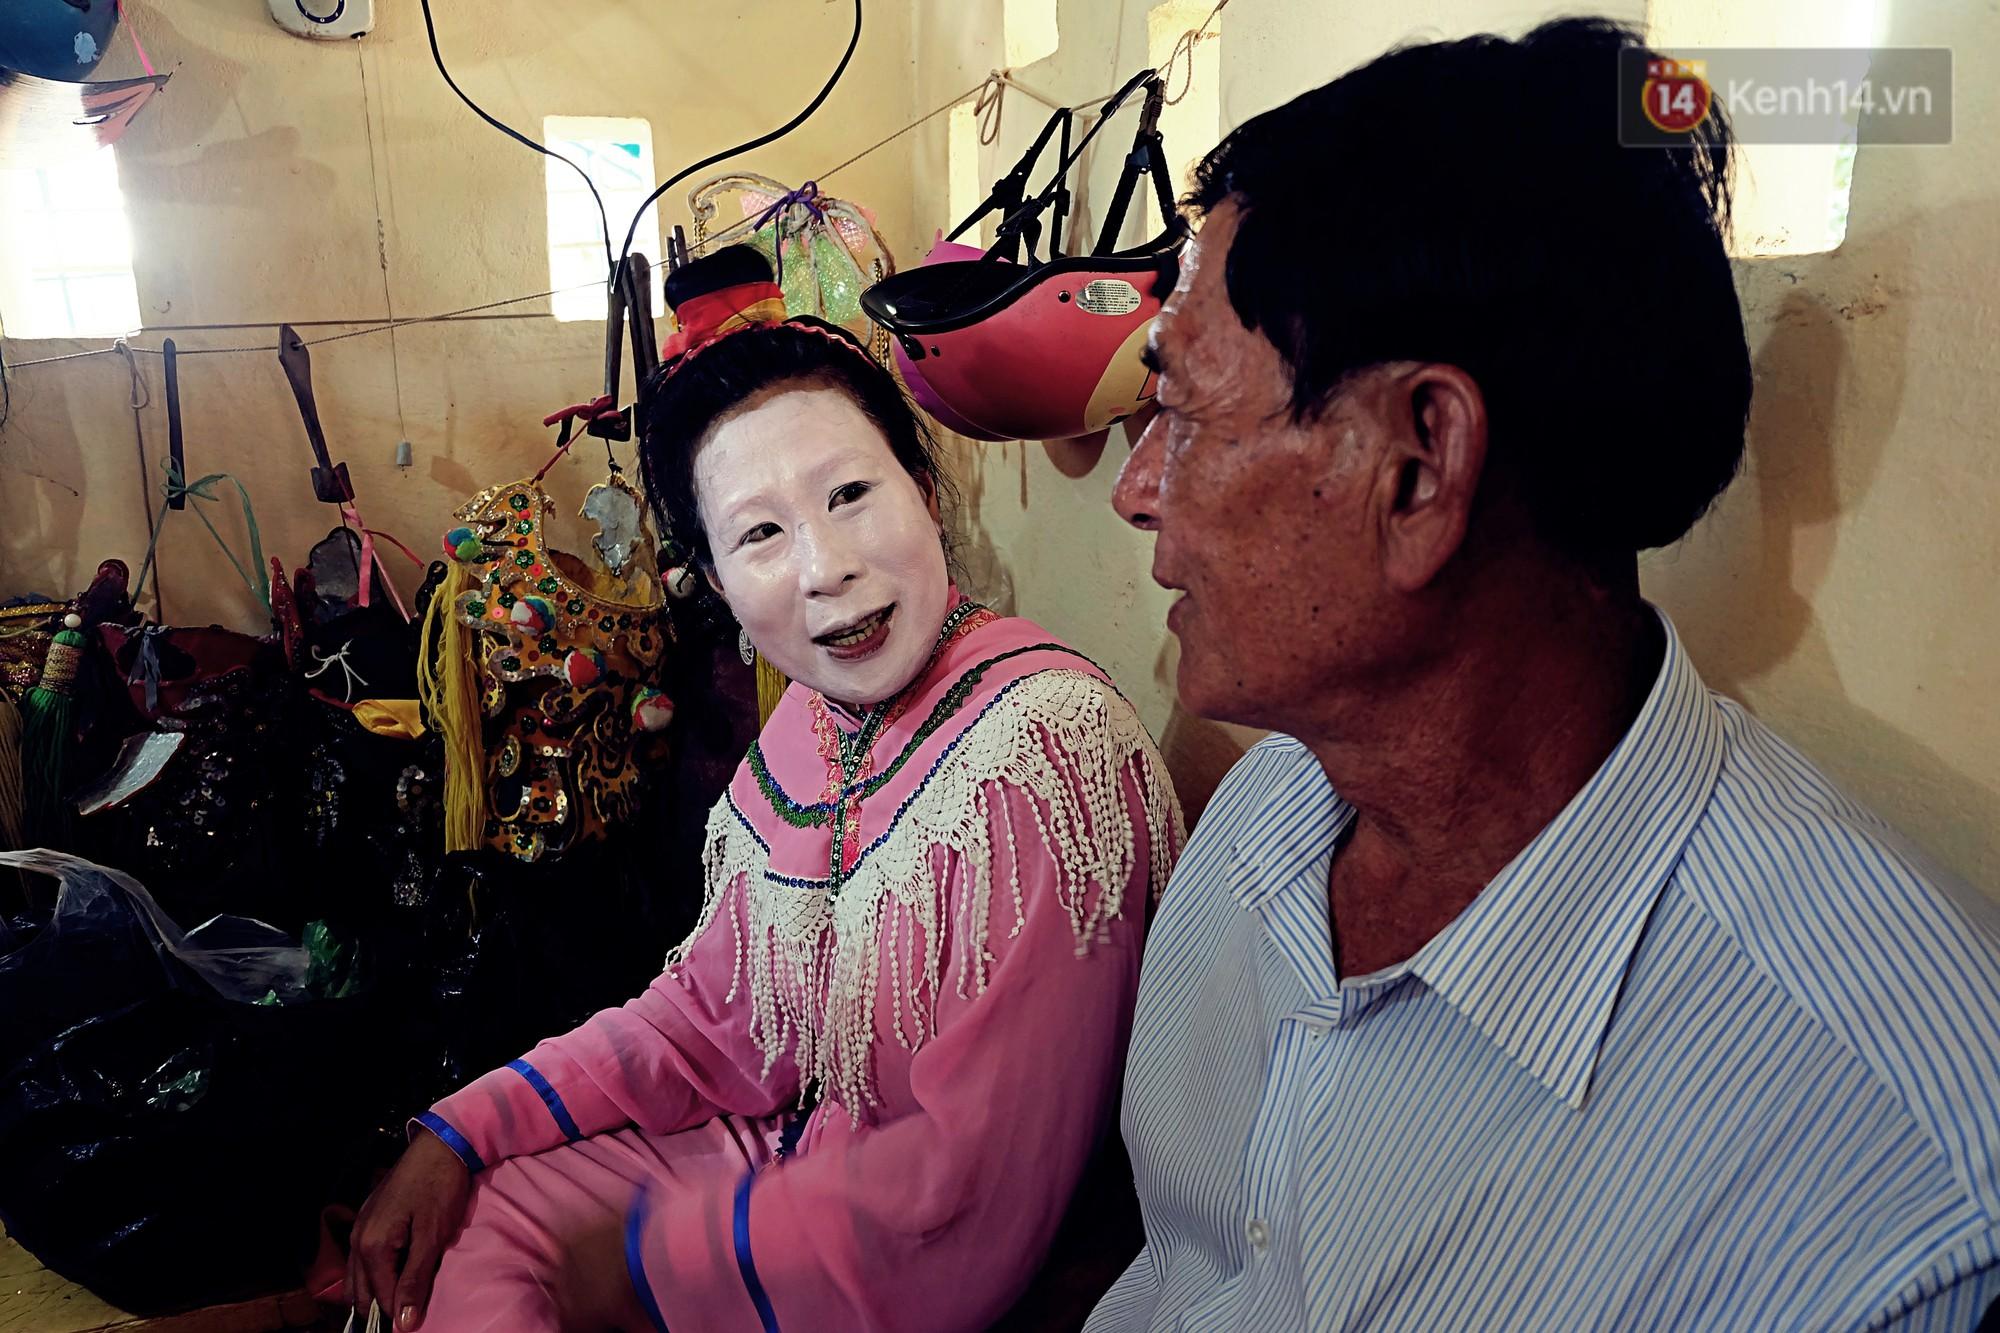 Gánh hát bội trăm tuổi trên đảo Phú Quý: Ngày thường chúng tôi là ngư dân đánh cá, bước lên sân khấu là nghệ sỹ - Ảnh 3.